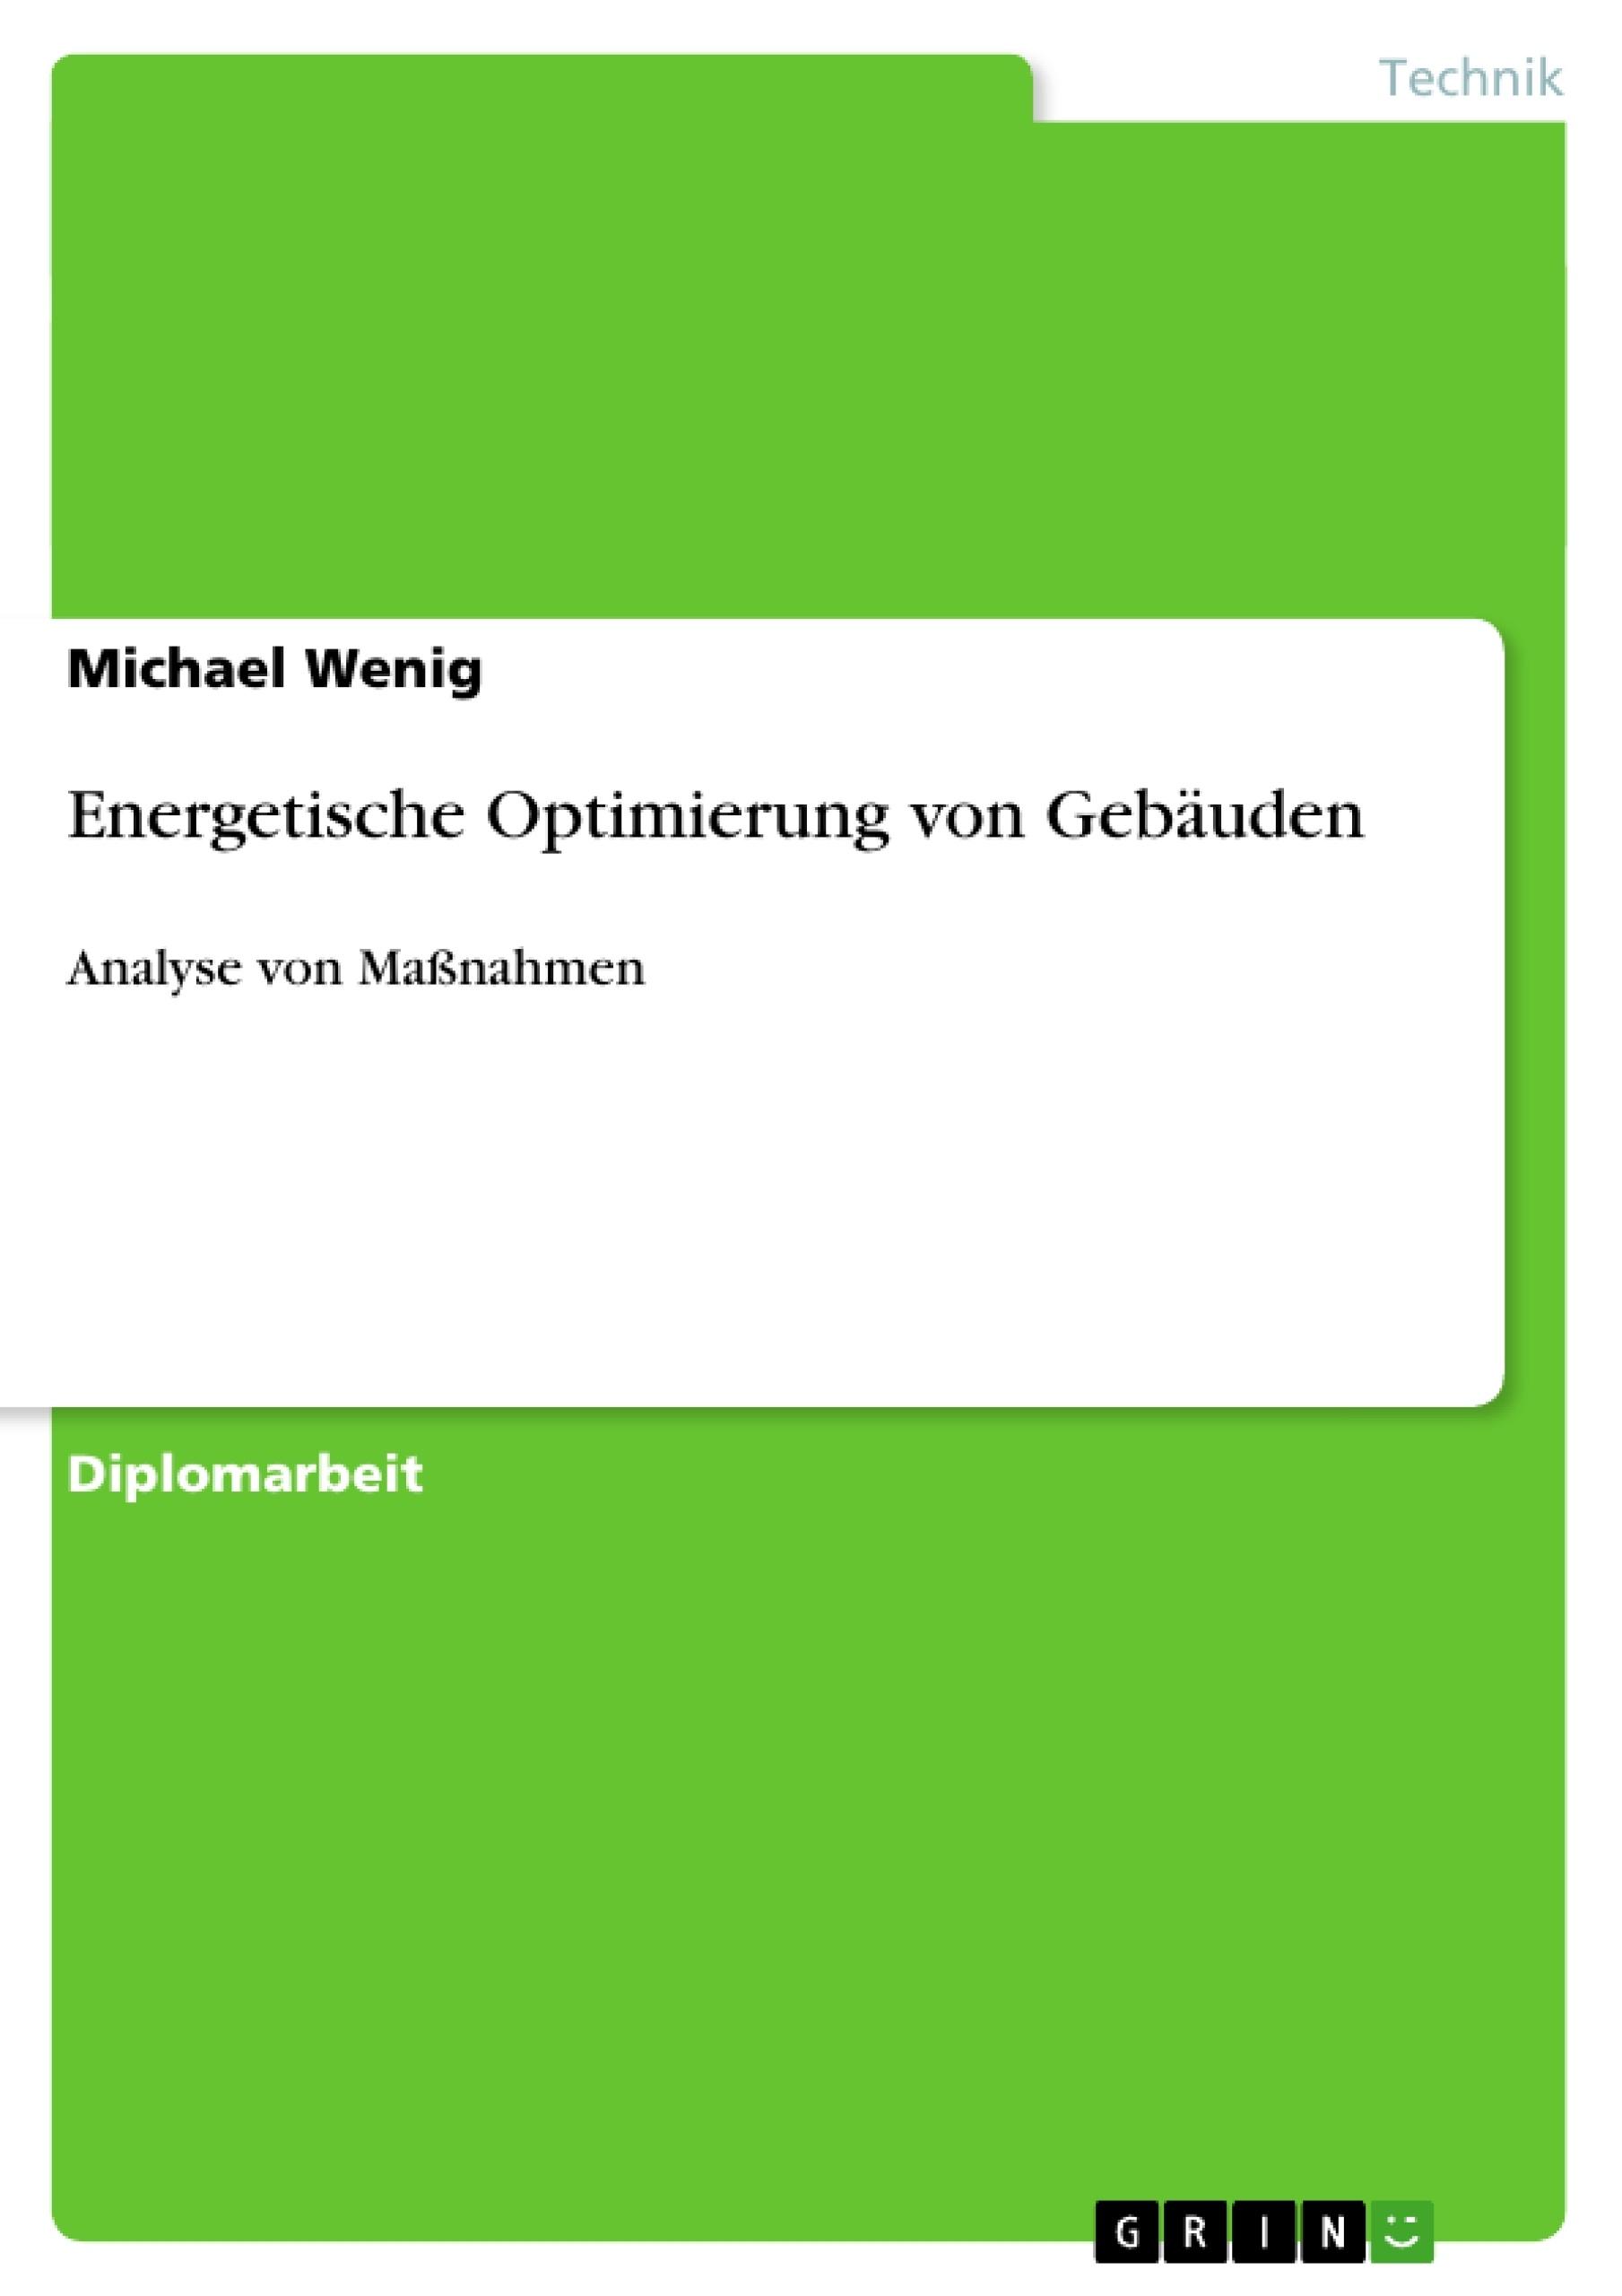 Titel: Energetische Optimierung von Gebäuden